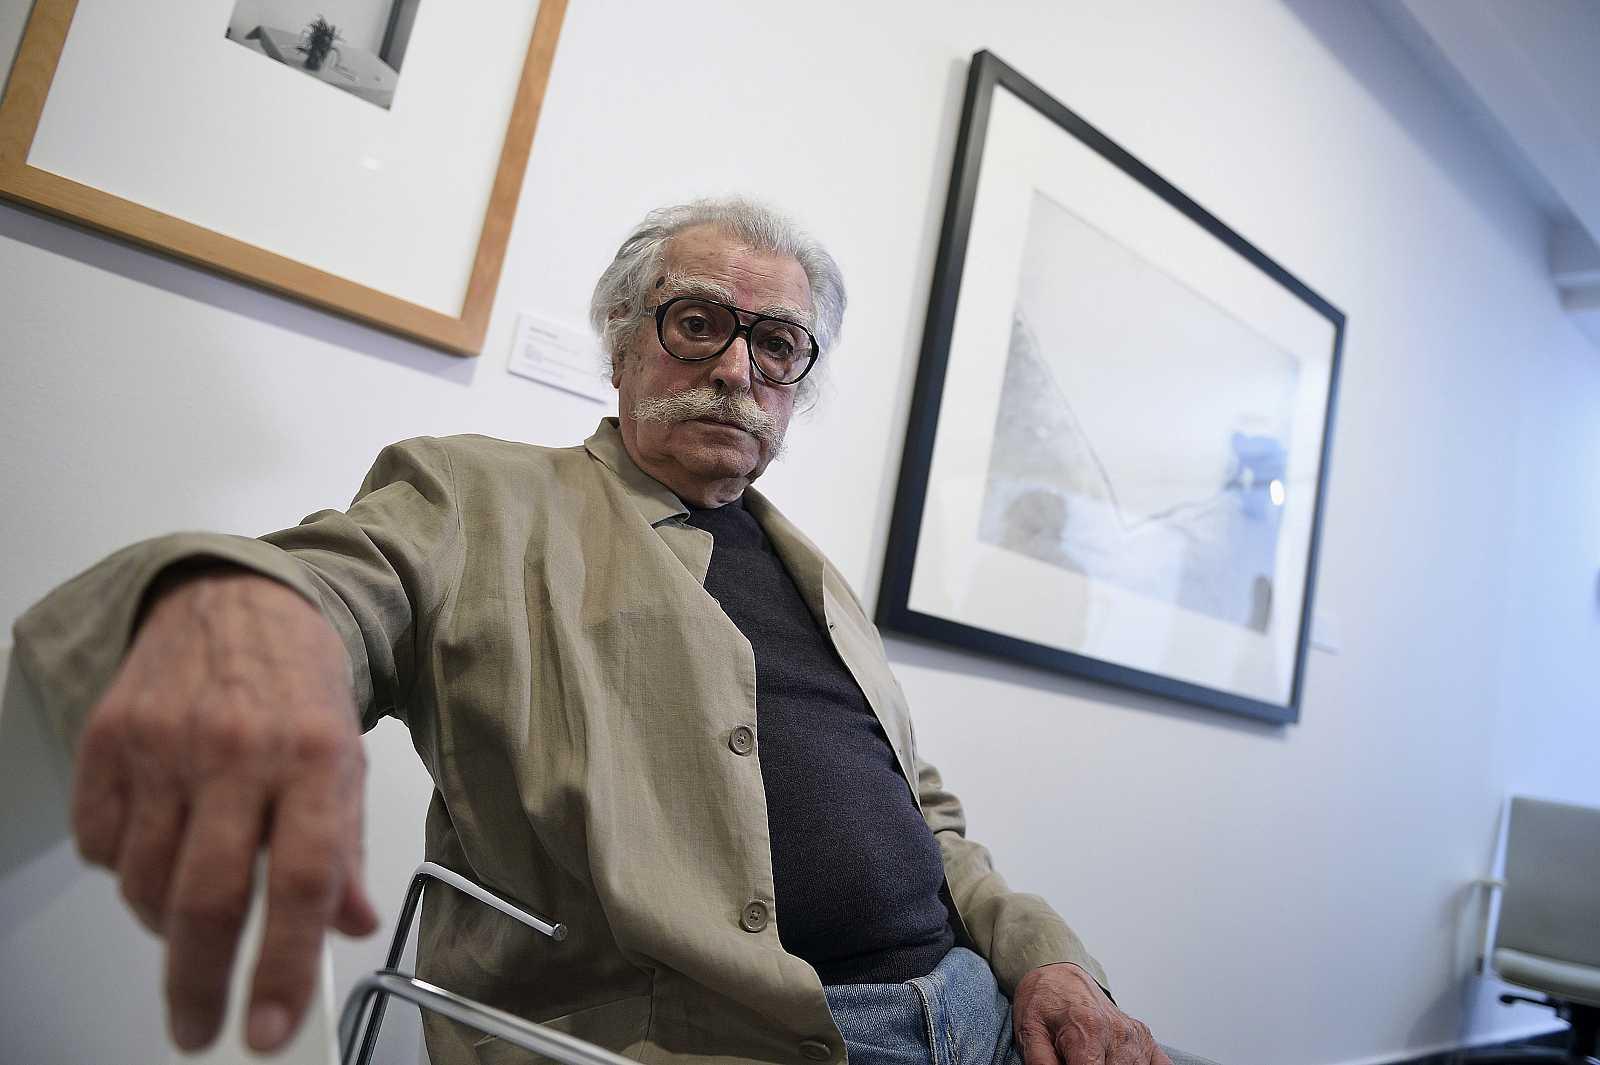 El ojo crítico - 90 años de Ramón Masats - 02/03/21 - escuchar ahora